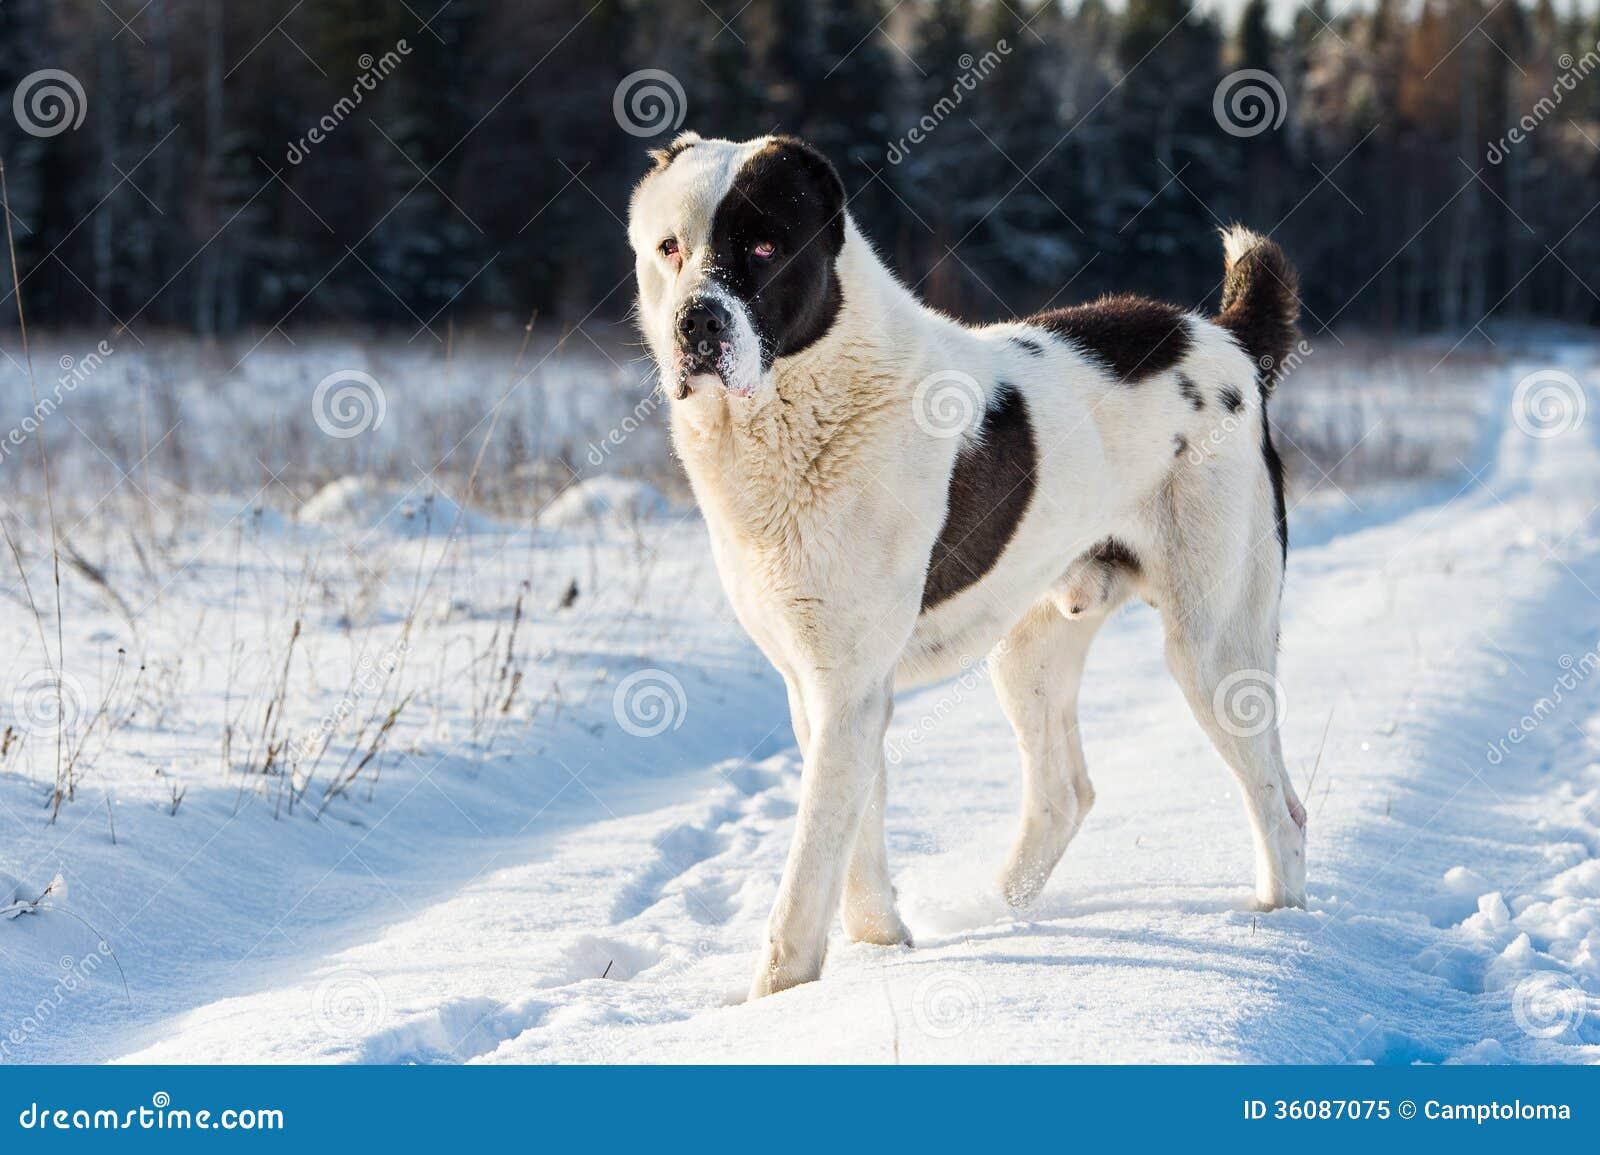 dog running vector